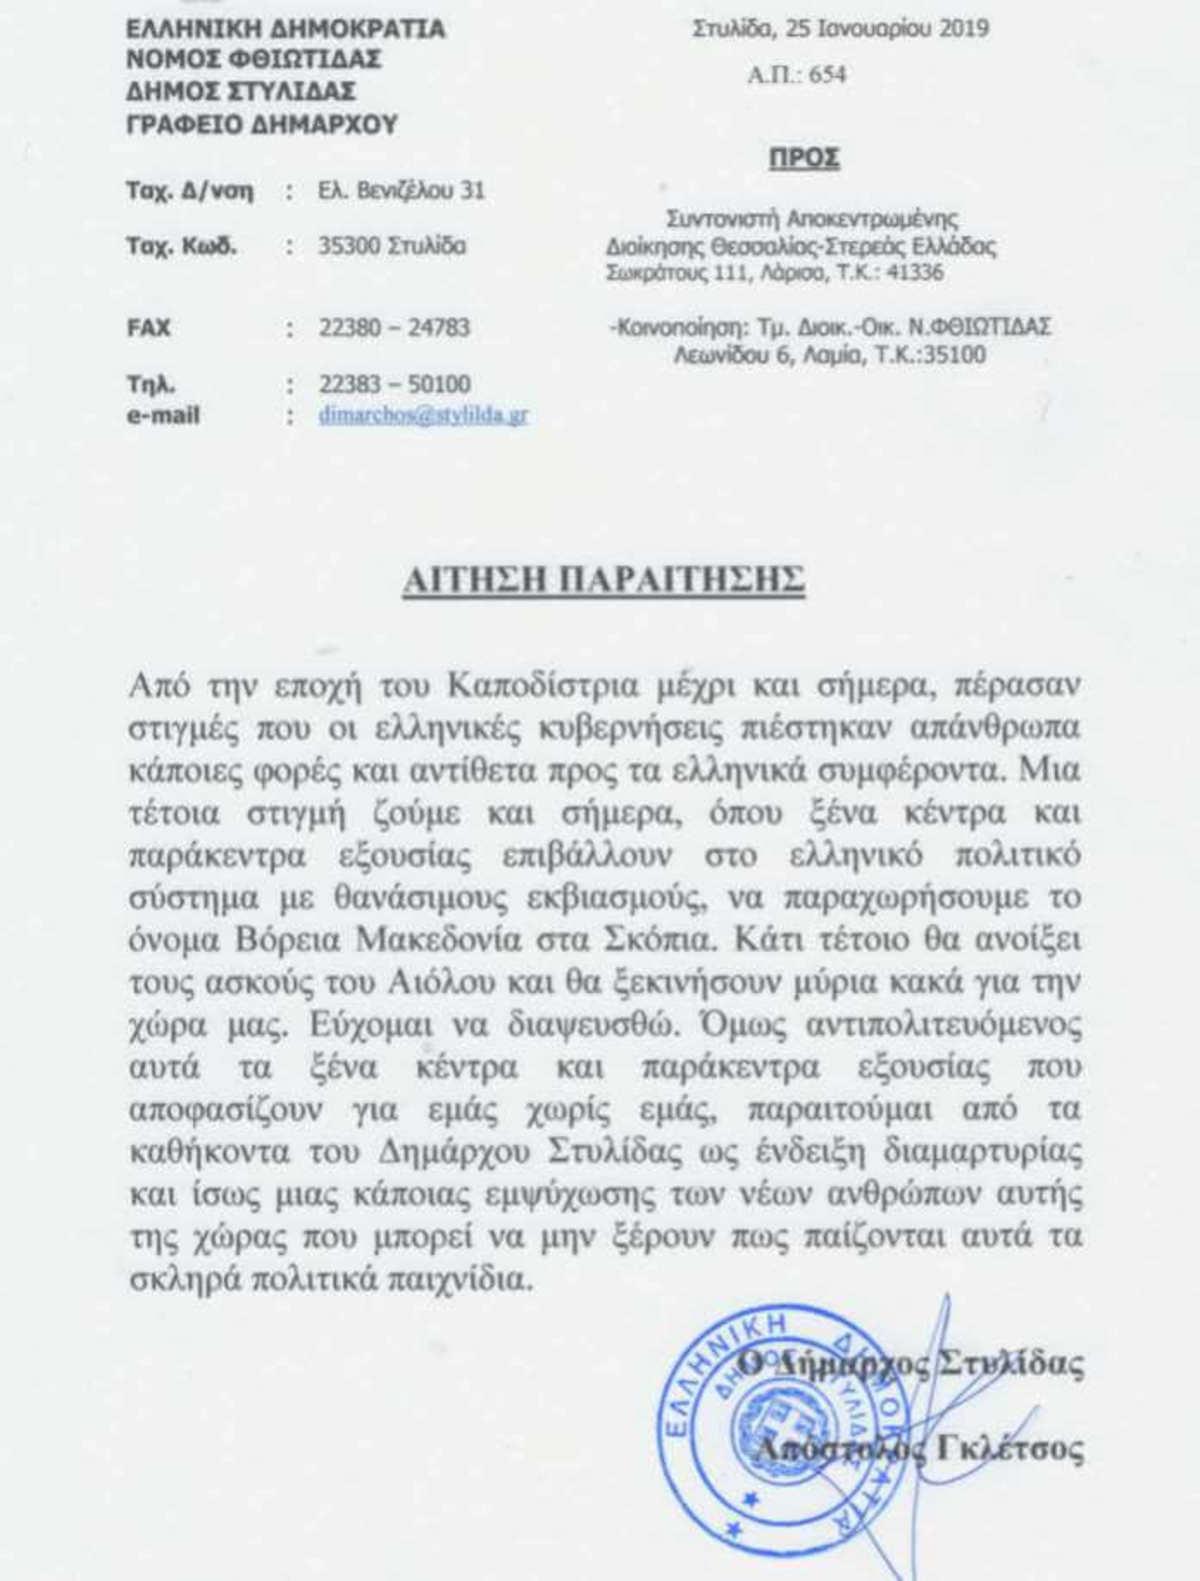 Παραιτήθηκε απο Δήμαρχος ο Απόστολος Γκλέτσος!